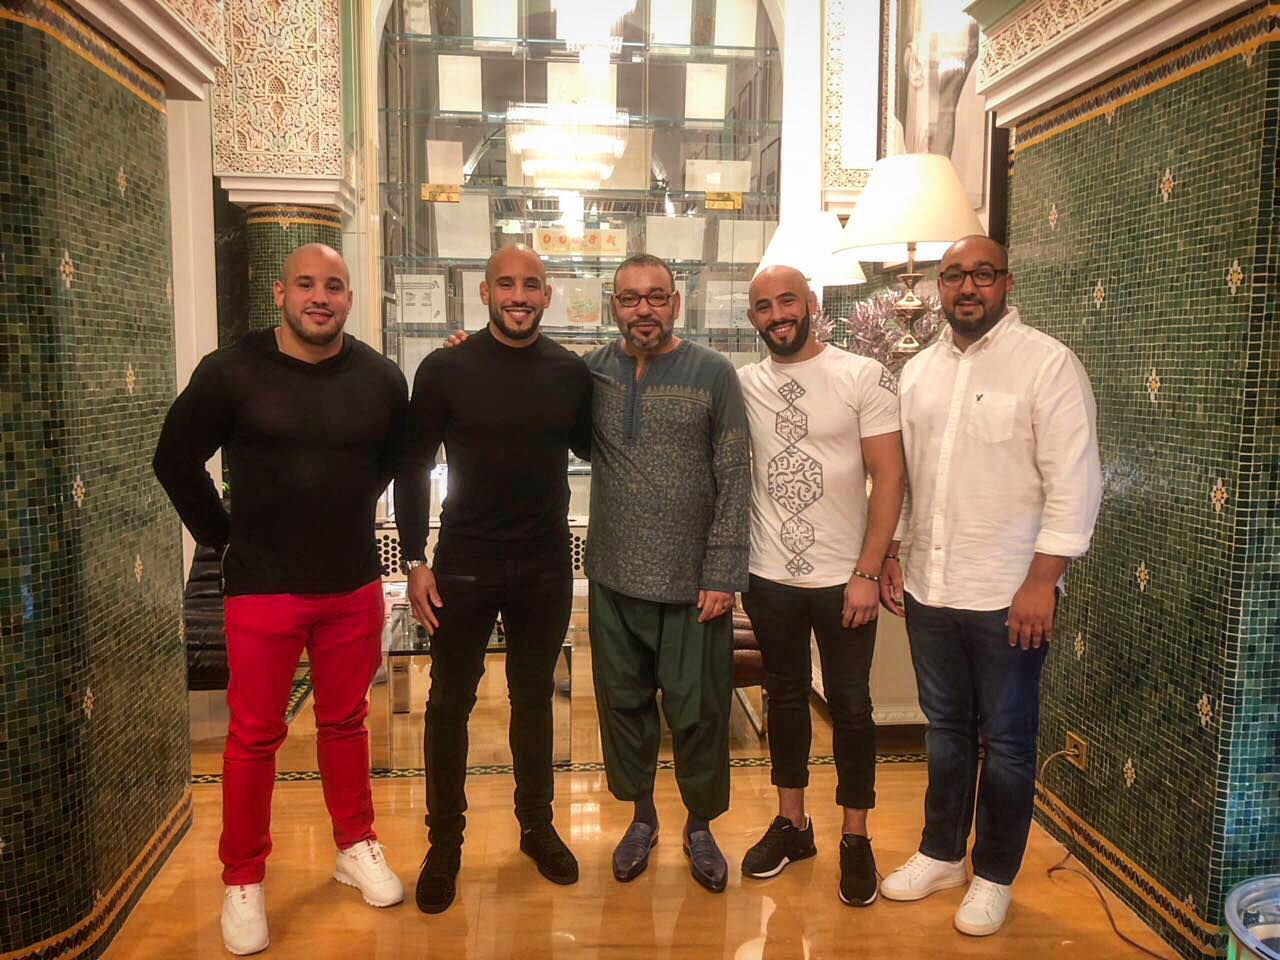 صورة/ أبو زعيتر يظهر مع الملك محمد السادس في صورة جديدة !